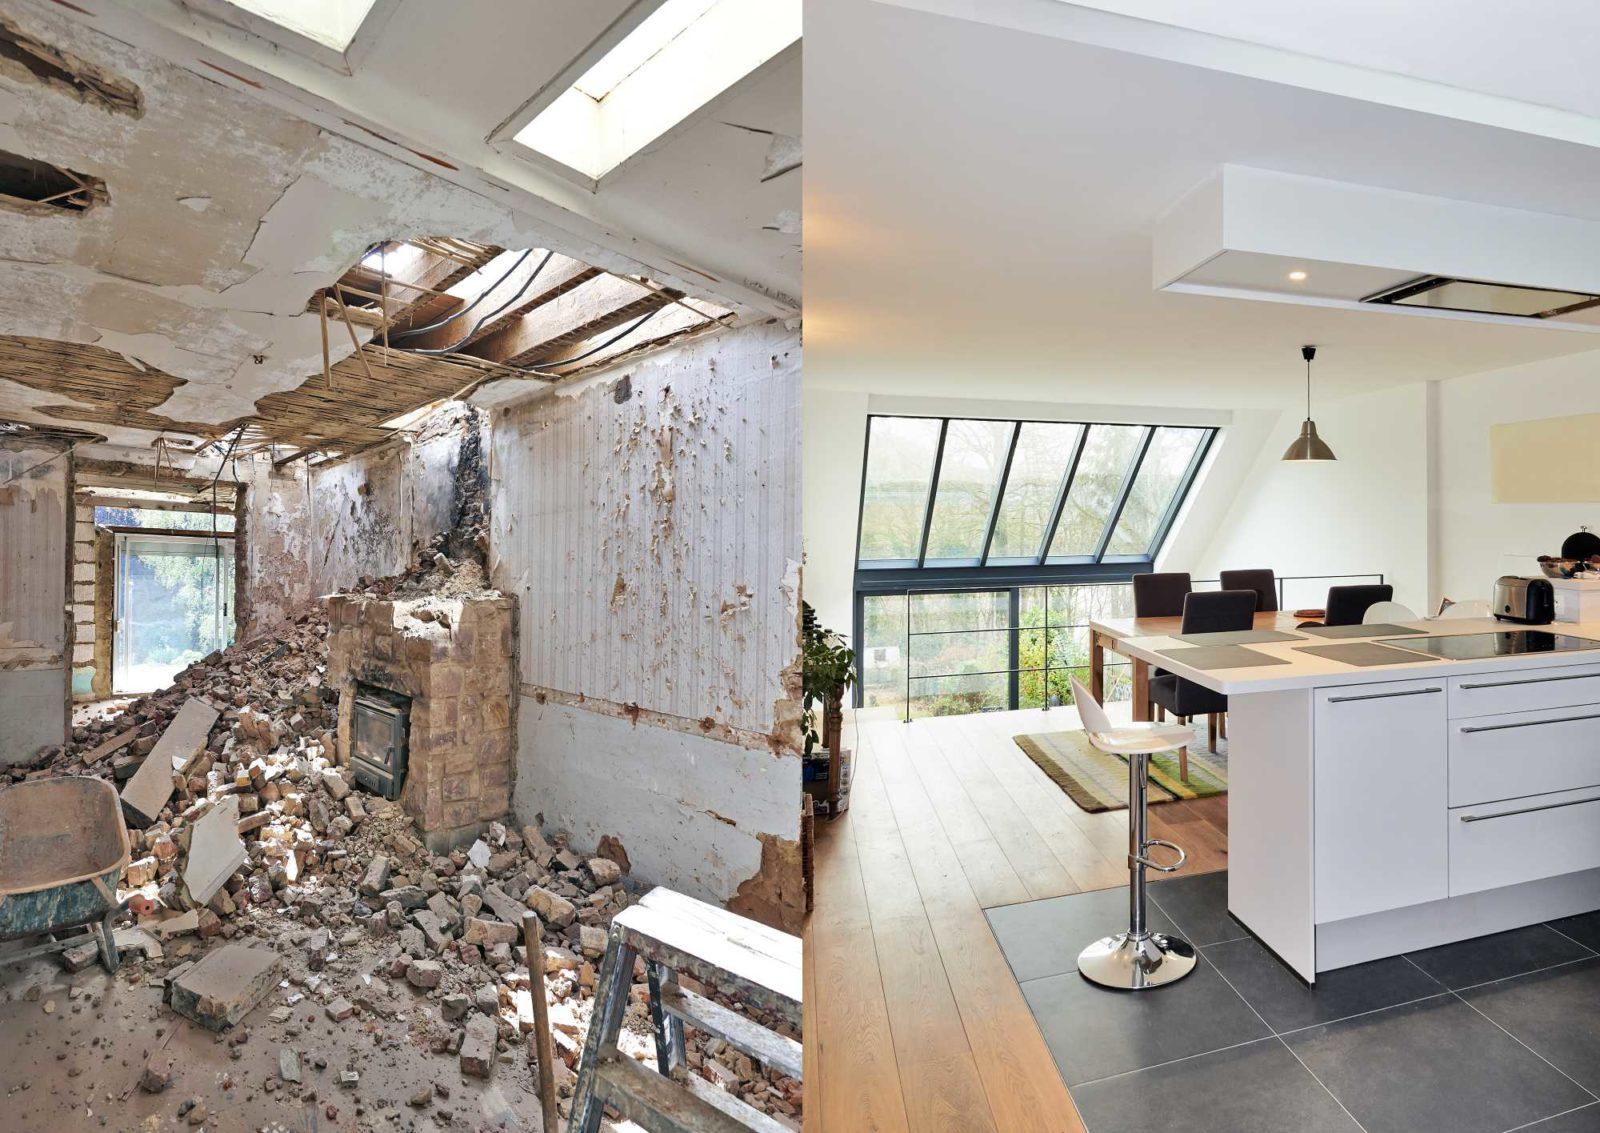 Технический план покажет, как изменилась квартира или нежилое помещение после перепланировки.